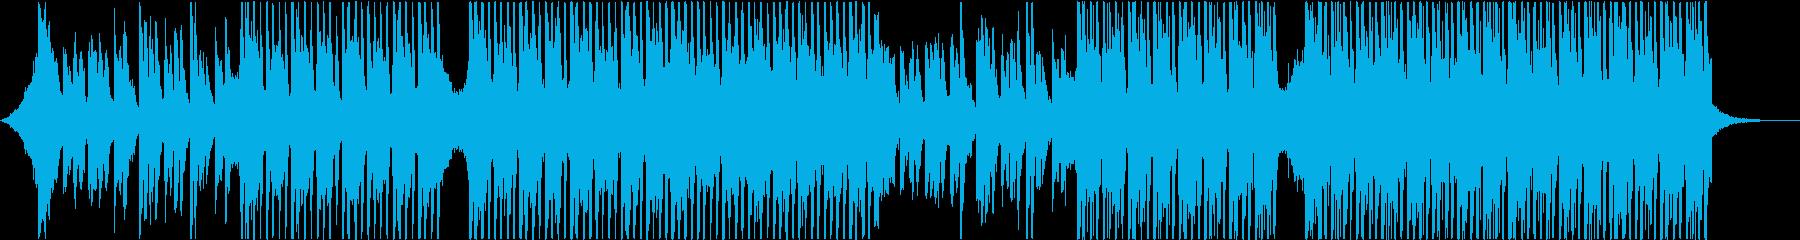 エレクトリックギターとシンセサイザーを備の再生済みの波形